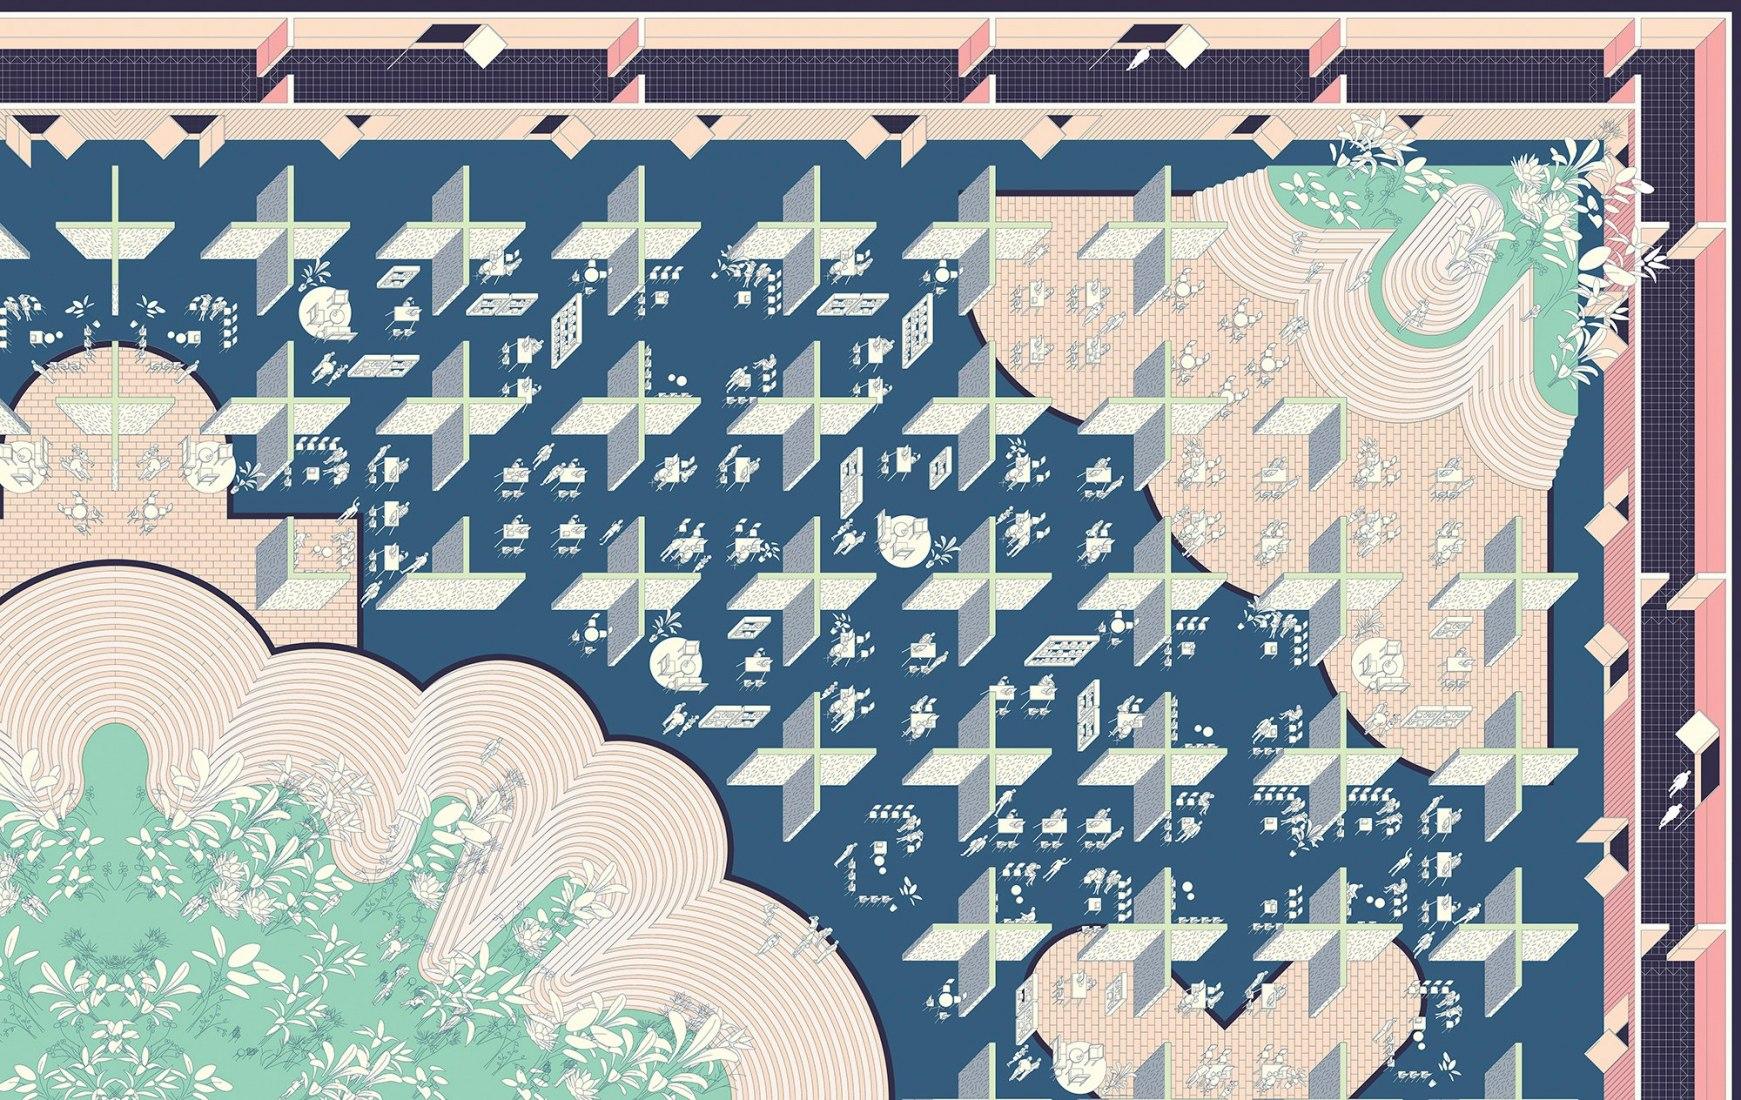 Detalle de alfombra de papel por Gonzalo del Val.